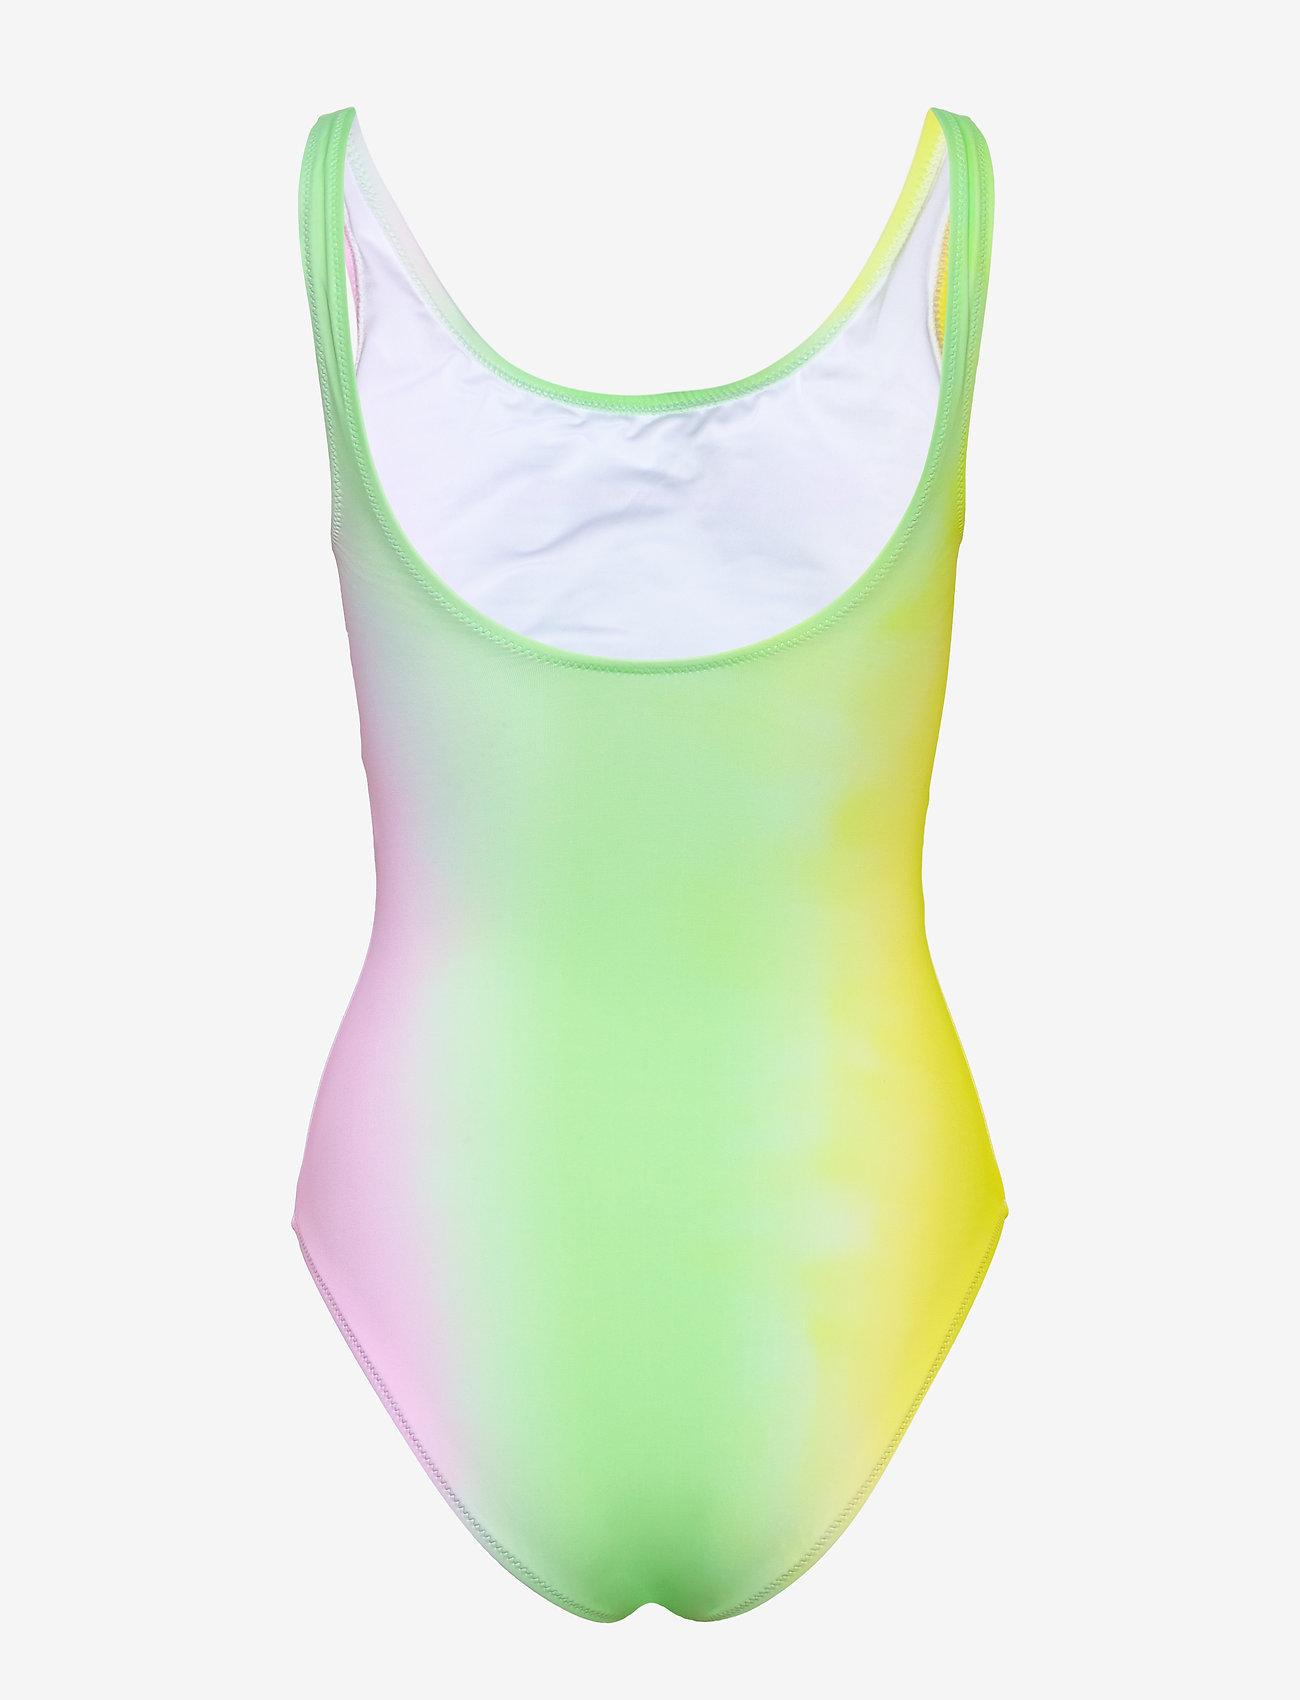 Champion Swimming Suit - Stroje kąpielow LIMELIGHT - Kobiety Odzież.